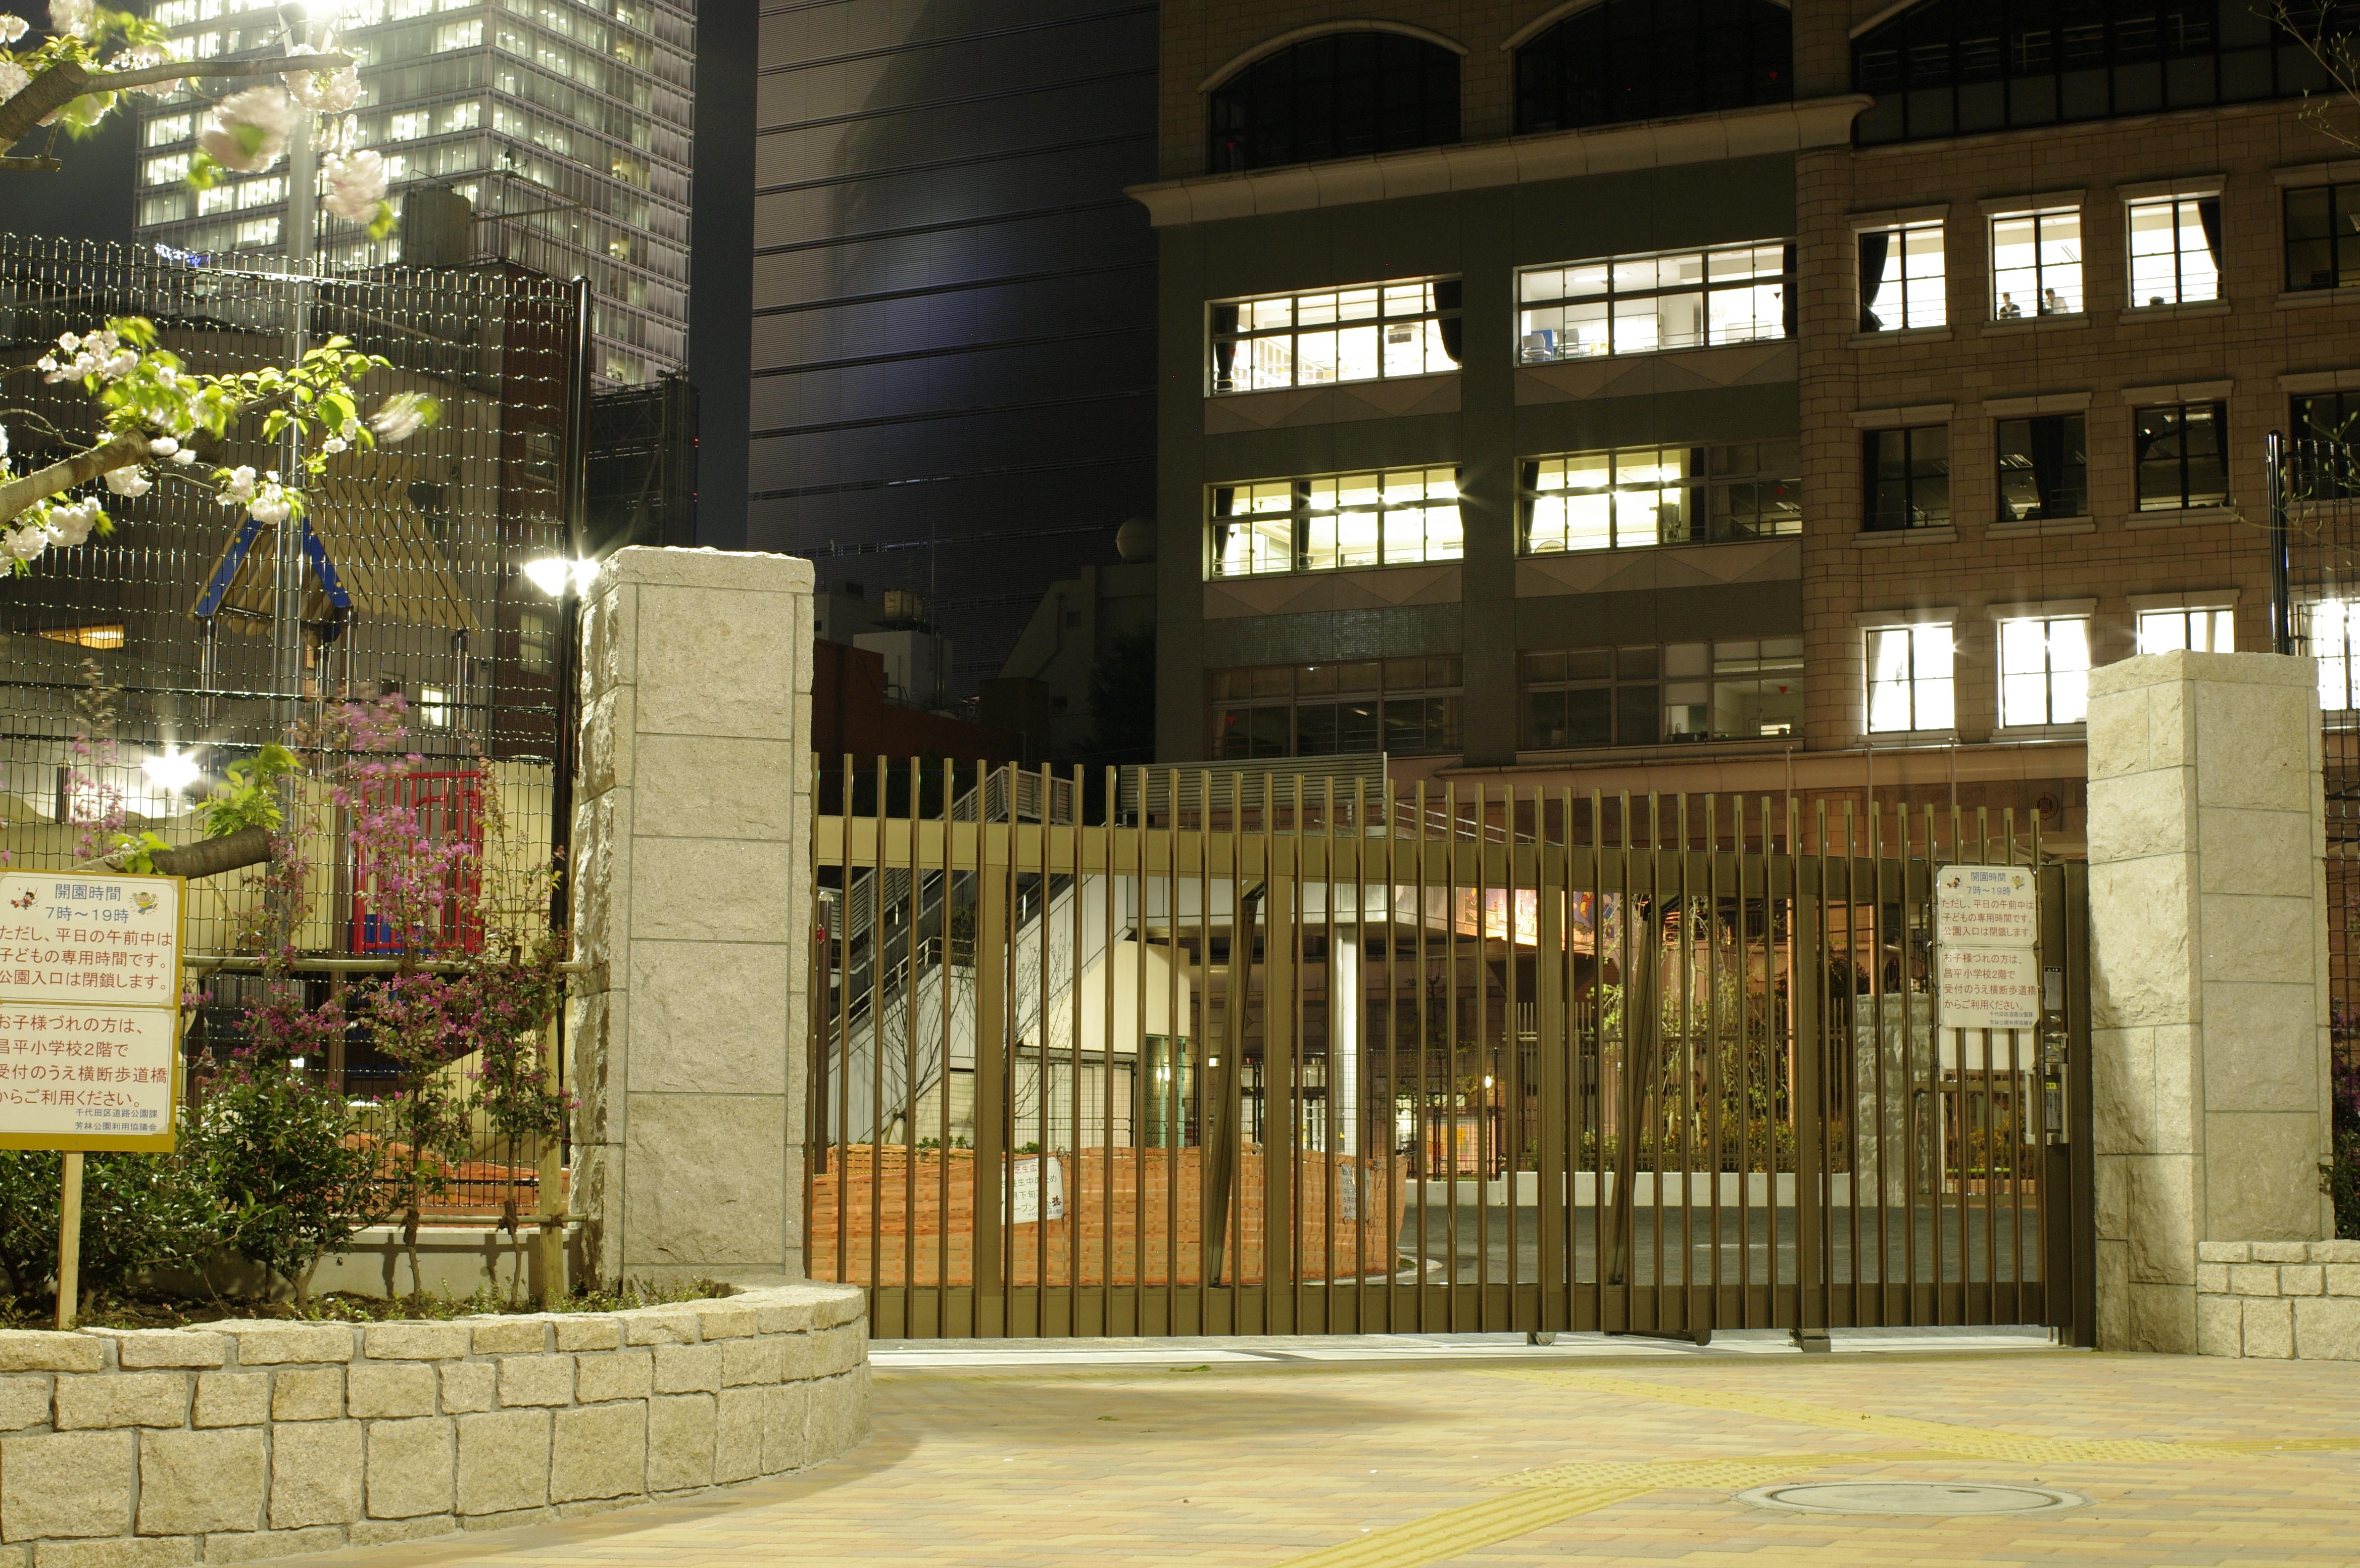 Park - Renovation work started, Sotokanda 3, Chiyoda, Tokyo (芳林公園 改修工事 開始) (2012-10-16 19.24.15 by Ryo FUKAsawa).jpg Hōrin Park - Renovation work